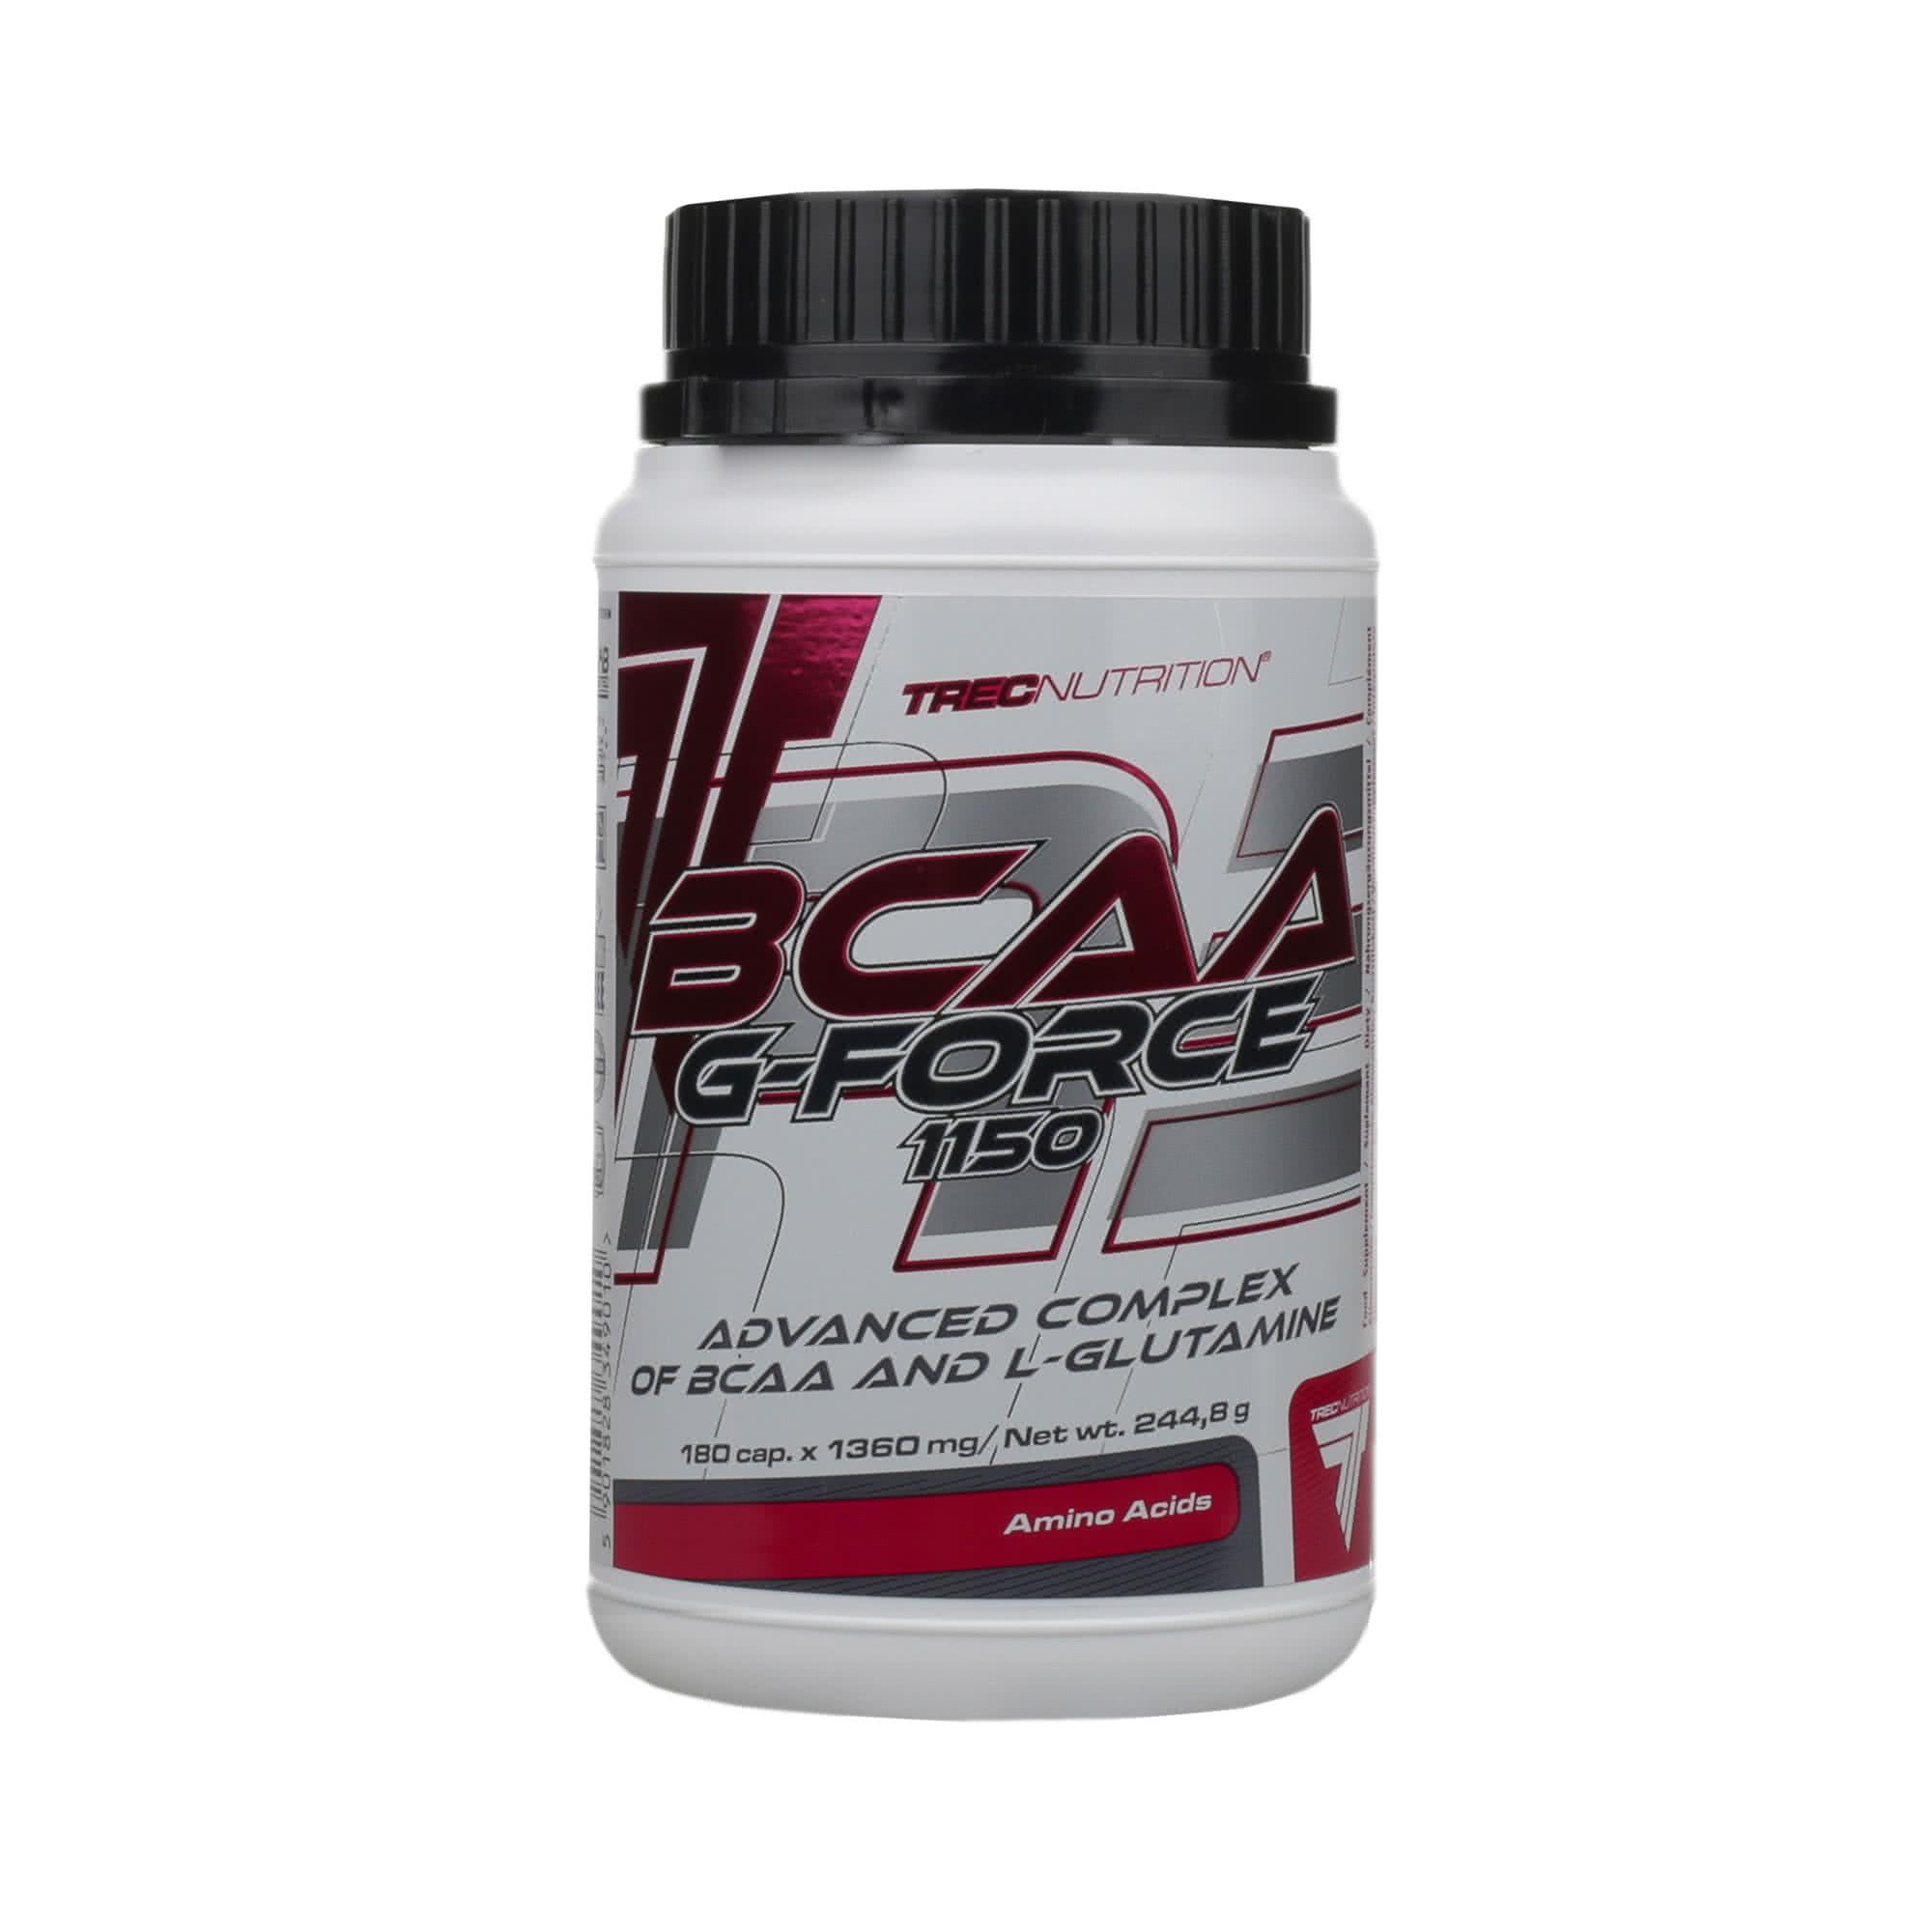 Trec Nutrition BCAA G-Force 1150 180 kap.